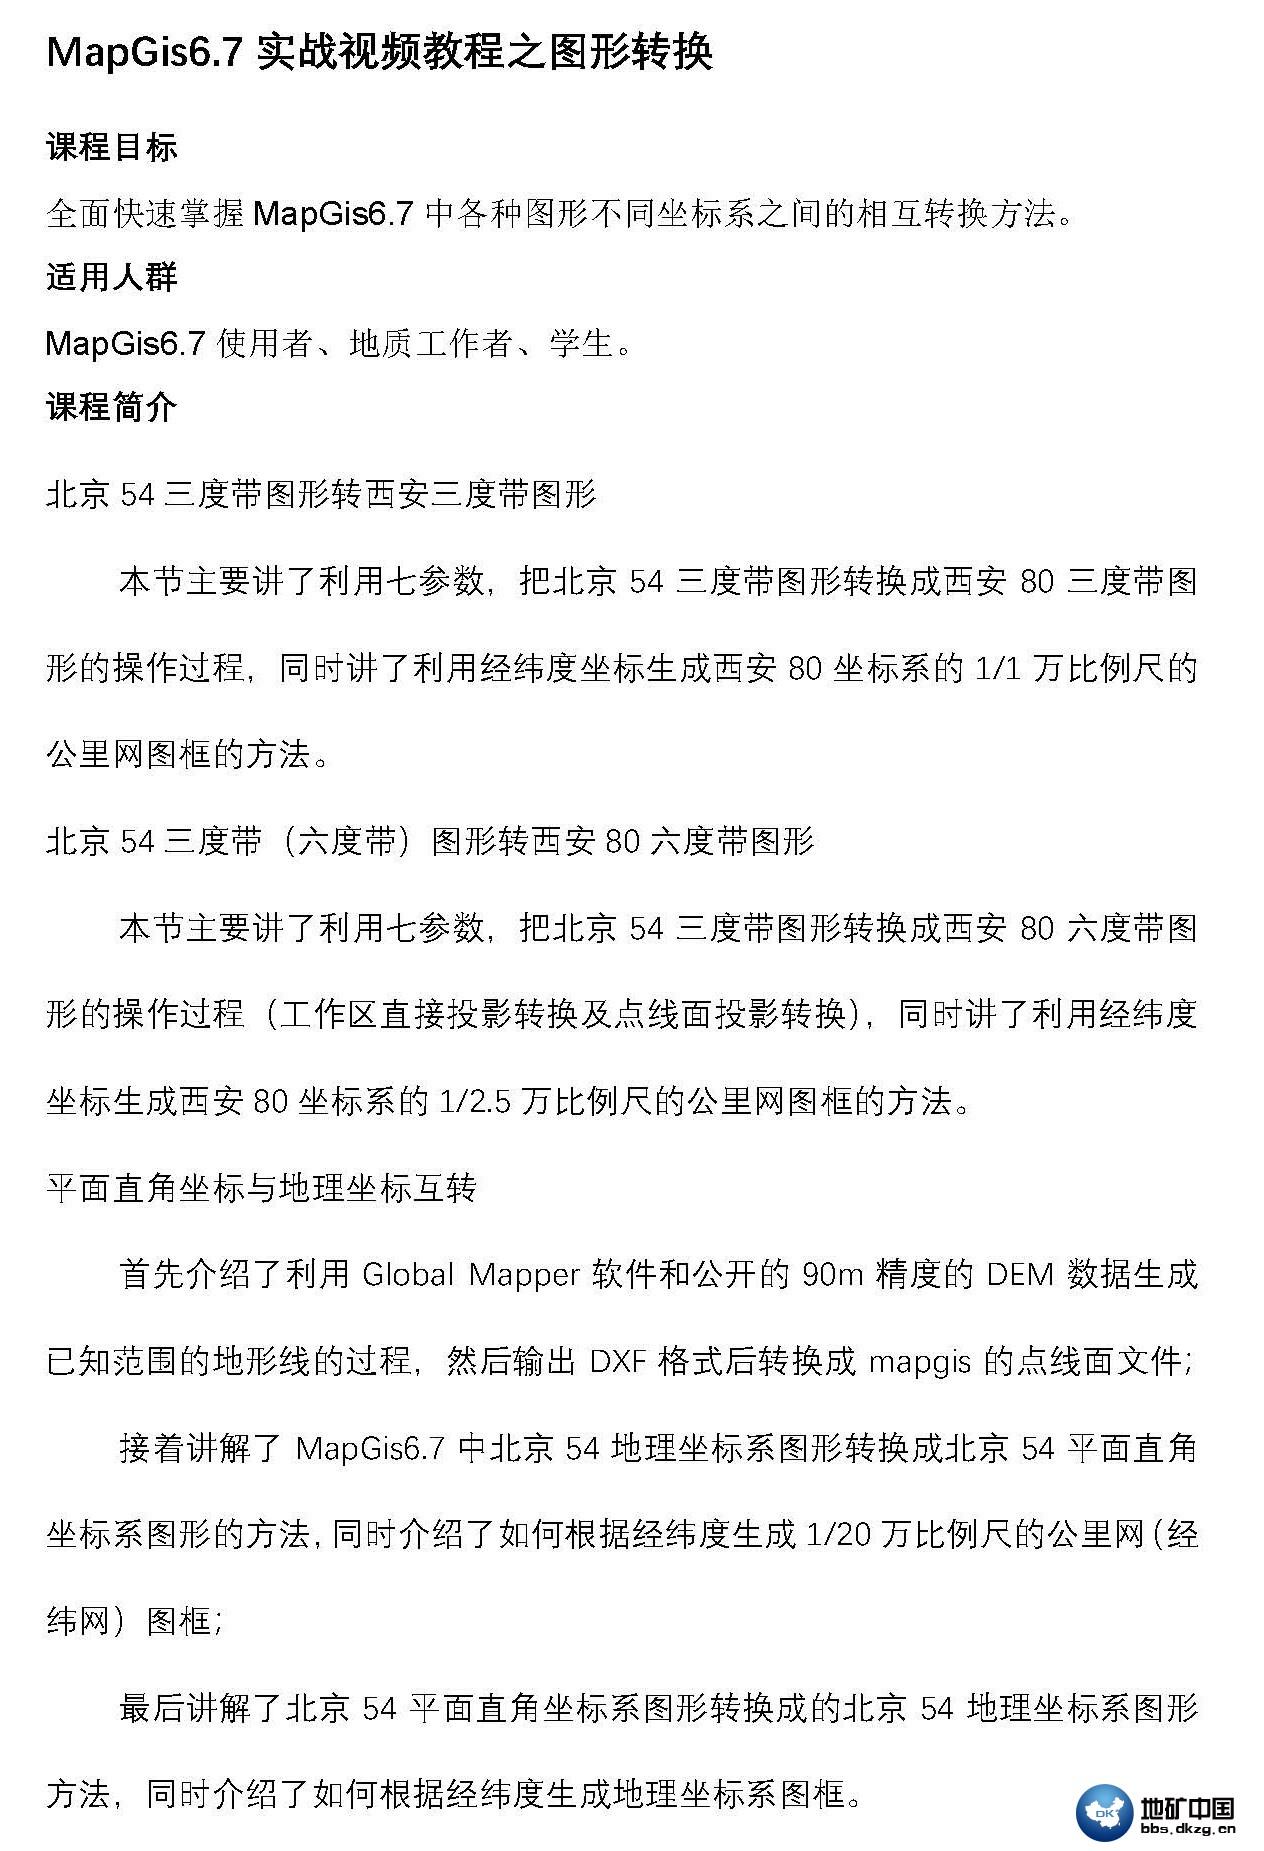 【免费看十集】MapGis 6.7小白进阶之路视频教程  MAPGIS 地矿中国